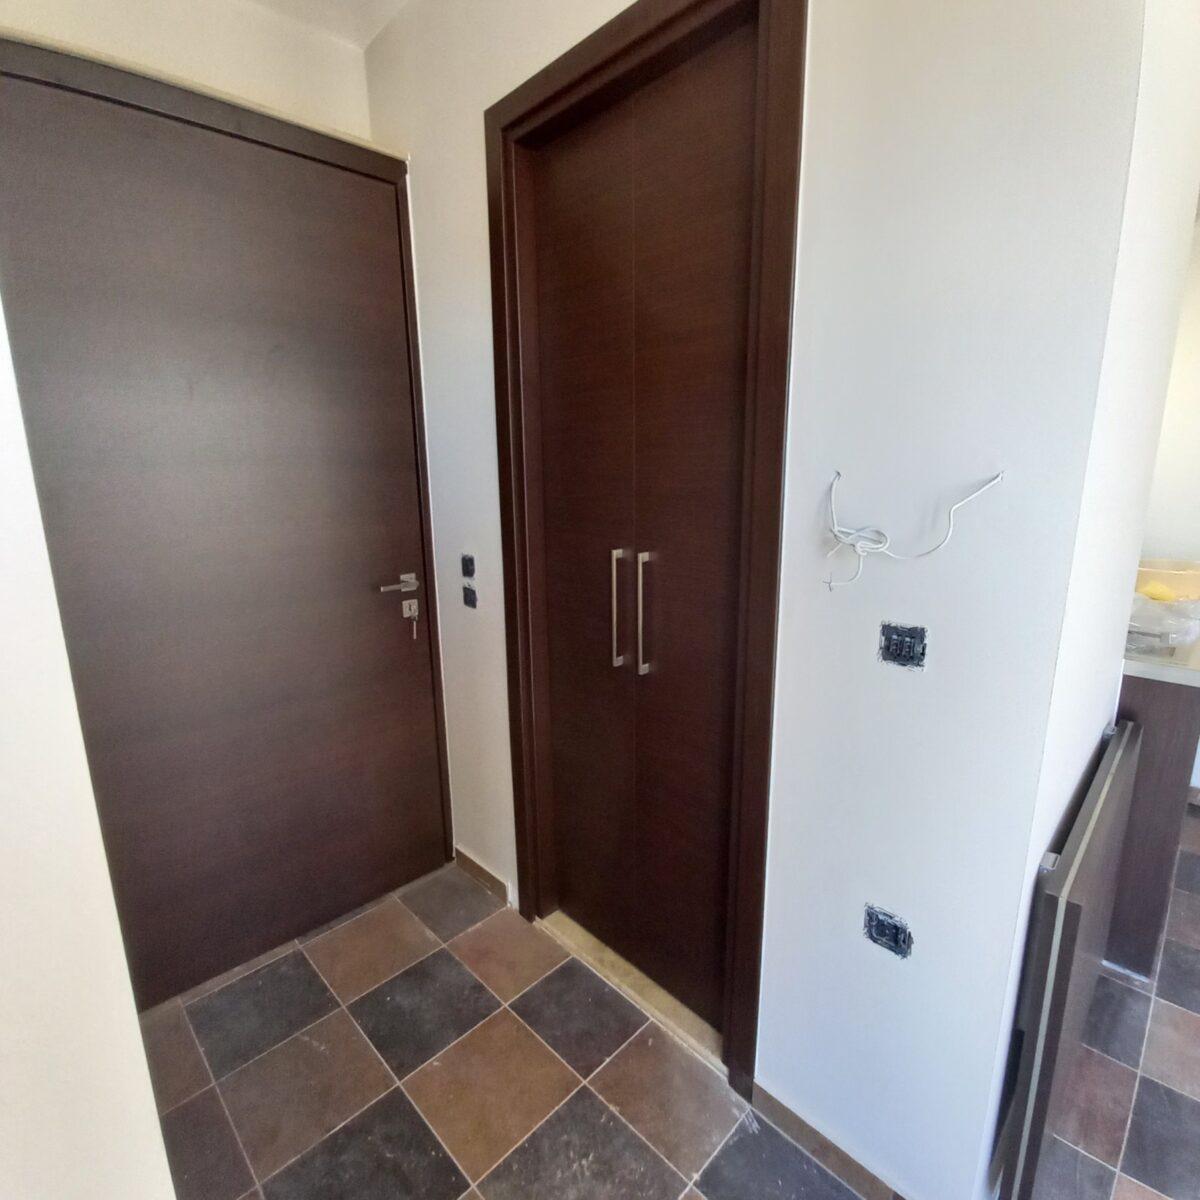 Ξύλινες επενδύσεις & έπιπλα σε διαμέρισμα